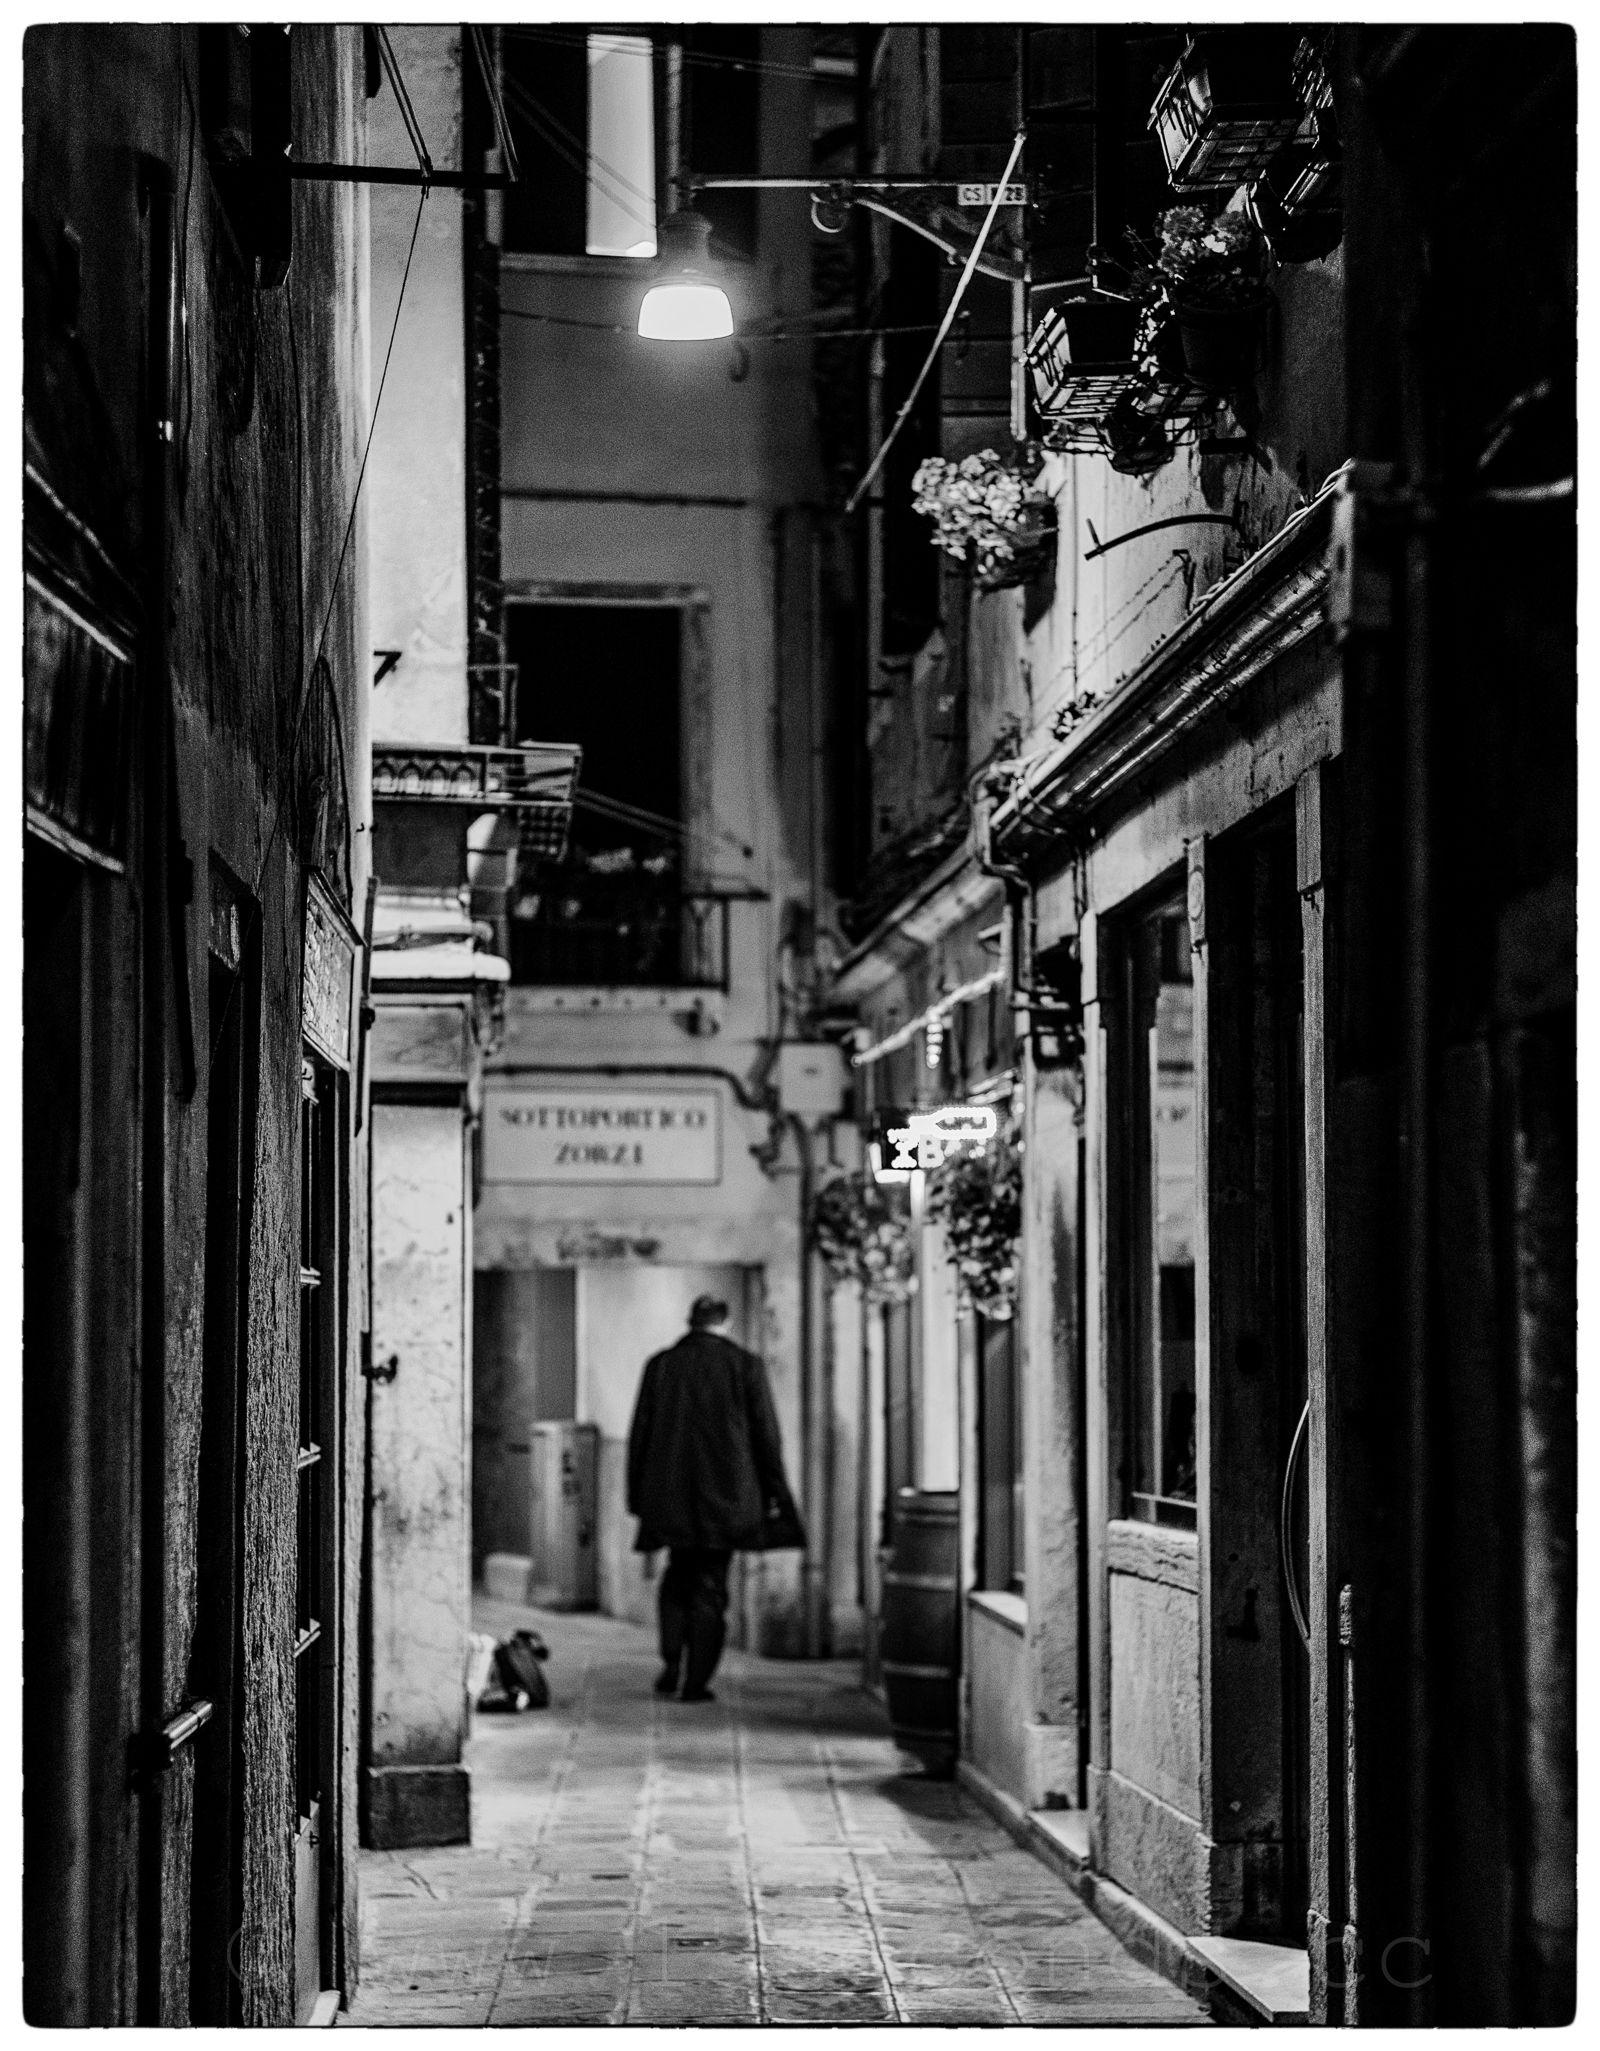 Venice, Castello, Arsenale, hom - mickinger | ello